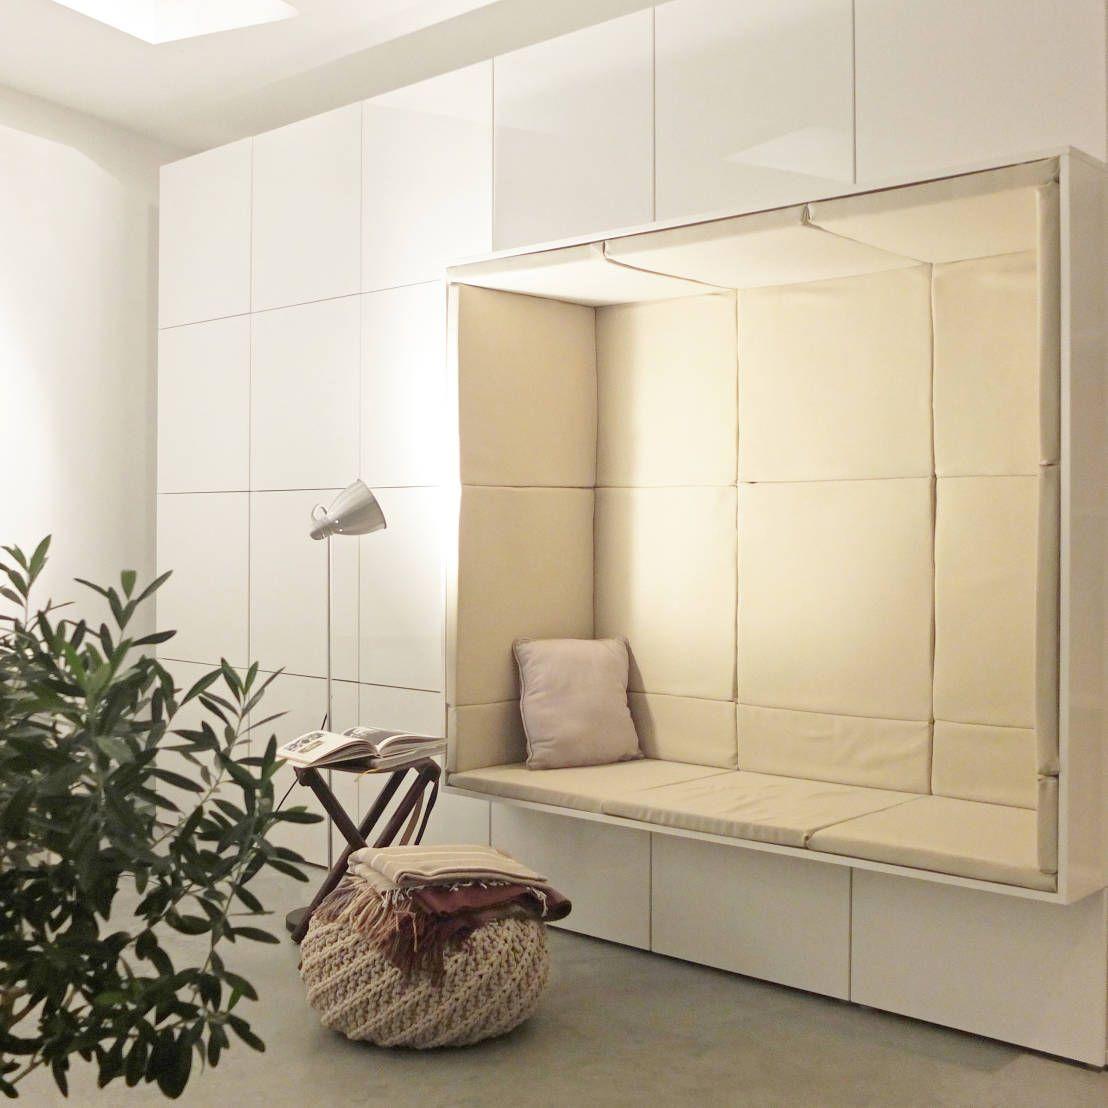 Modernes bungalow innenarchitektur wohnzimmer so machst du dein zuhause zur wohlfühloase in   stue